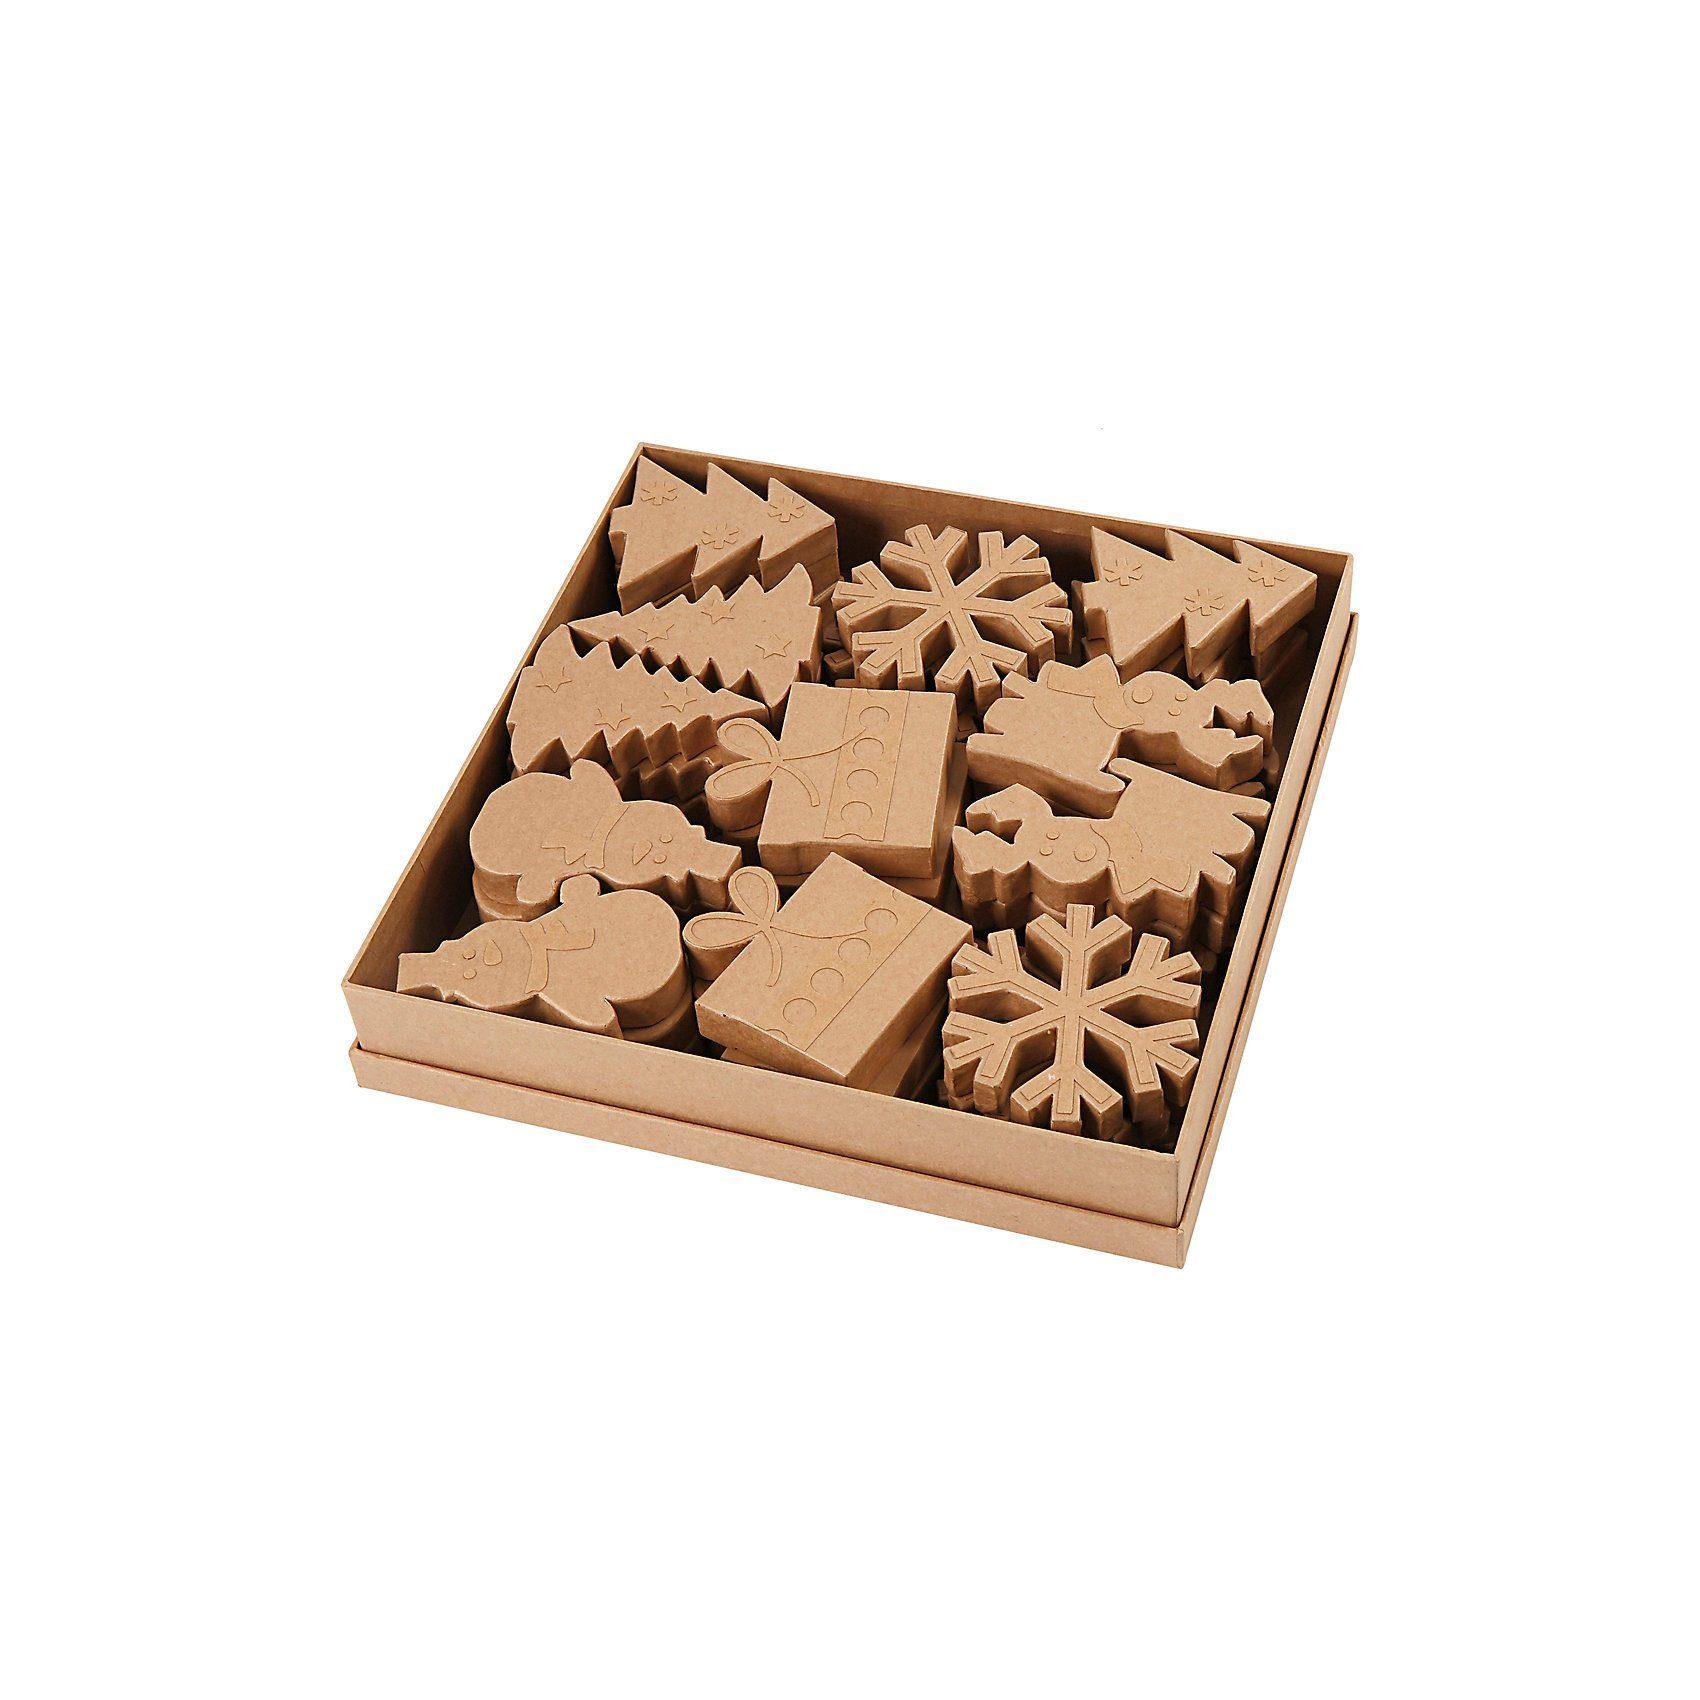 Weihnachts-Figuren, H 10-14 cm, 36 Stück